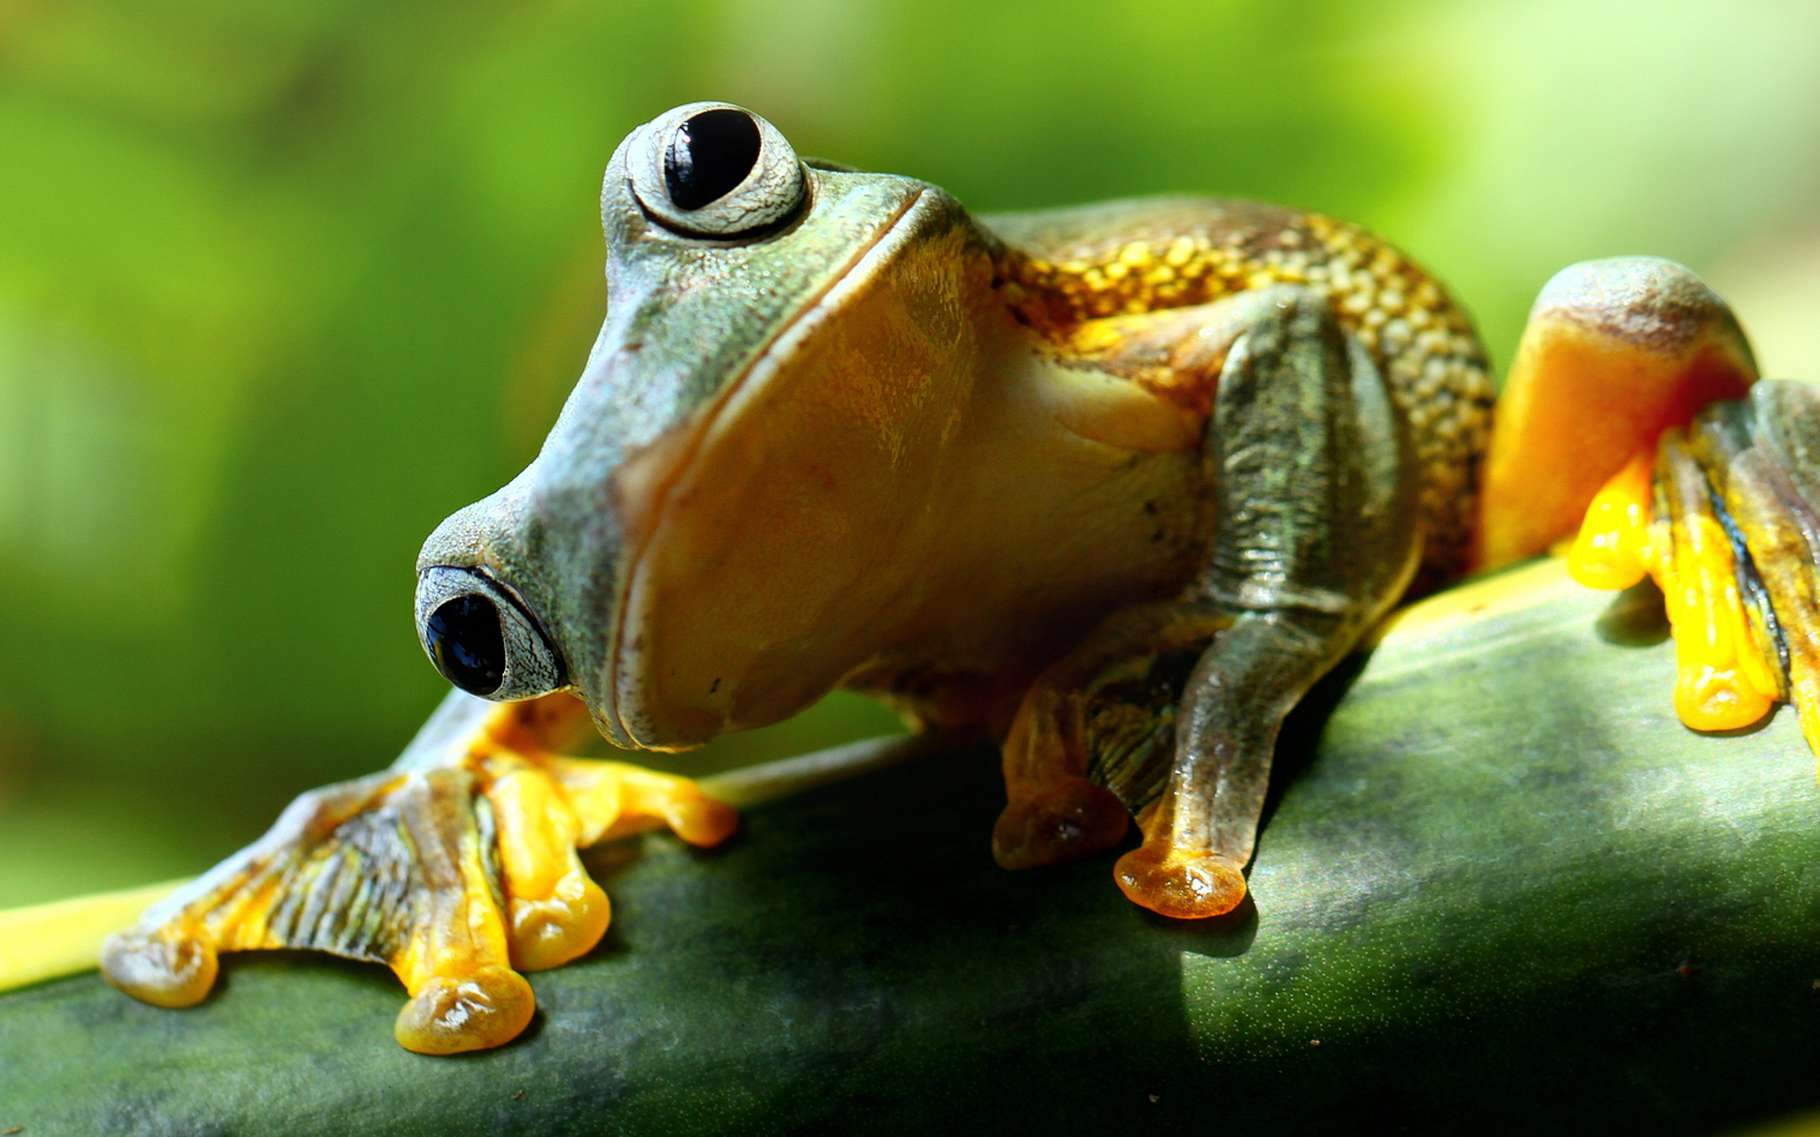 Les amphibiens sont particulièrement touchés par la déforestation, la pollution, l'artificialisation des sols… © fotolia